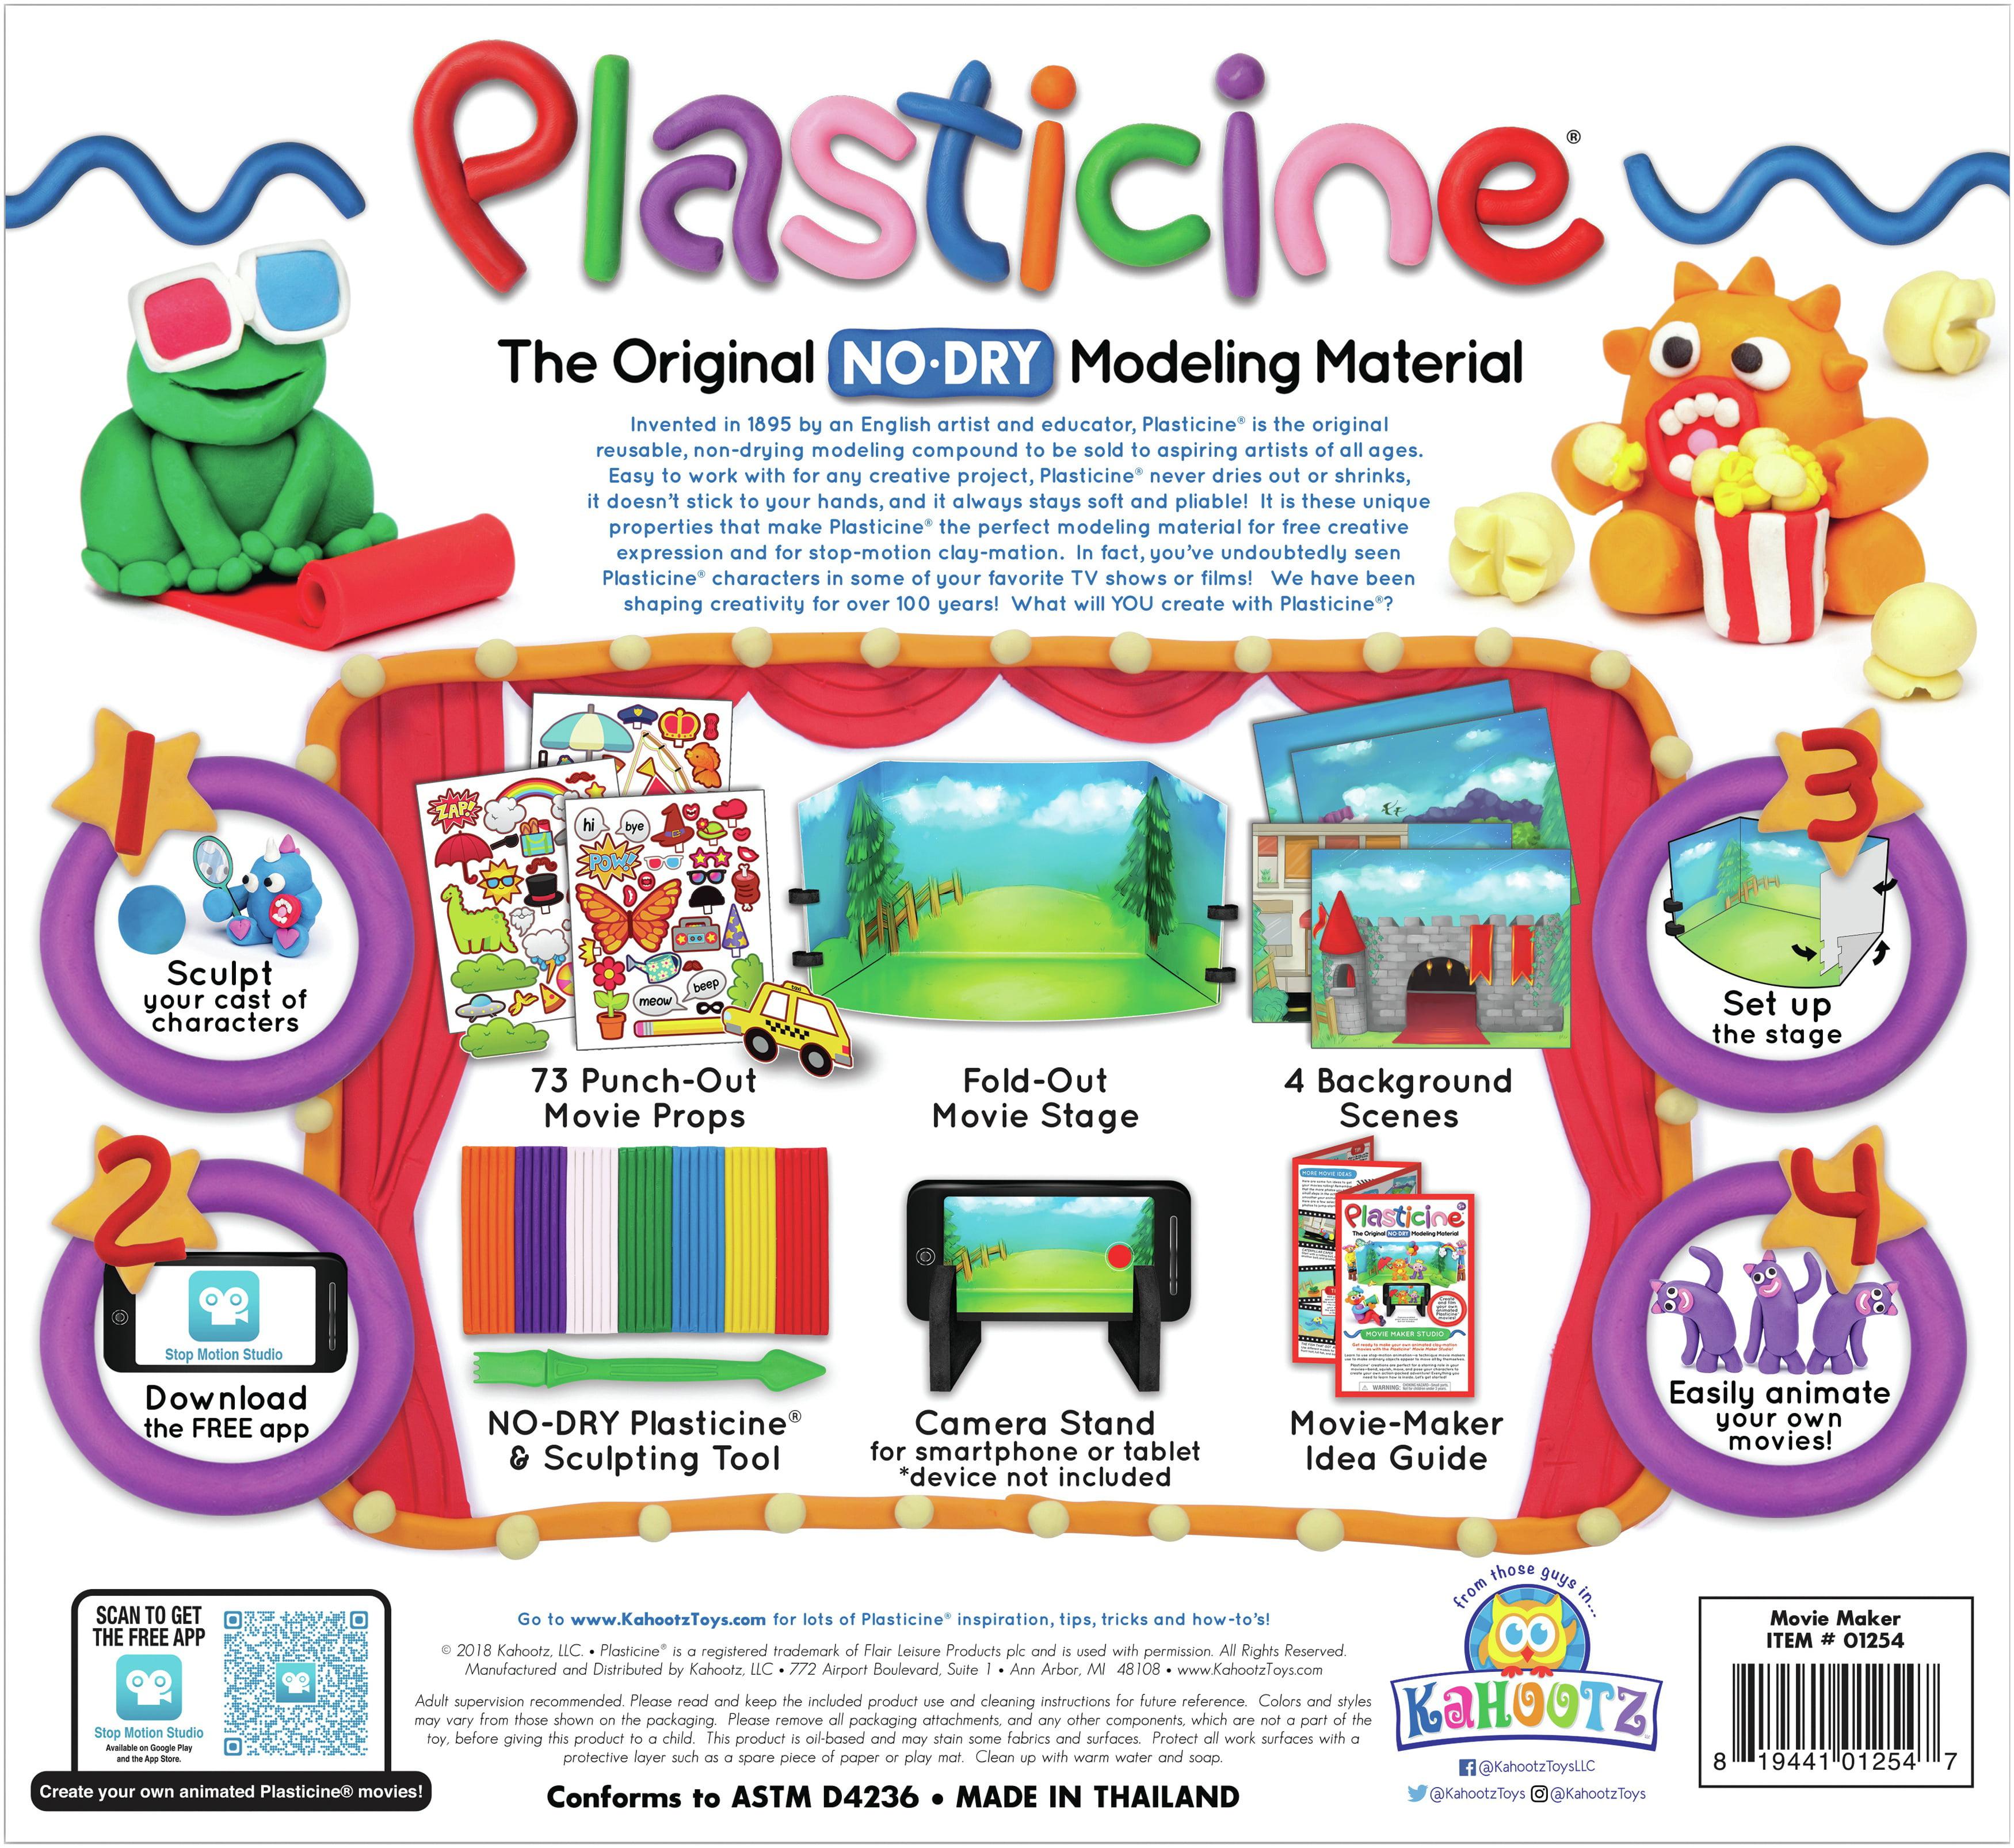 Plasticine Movie Maker Studio Kit-